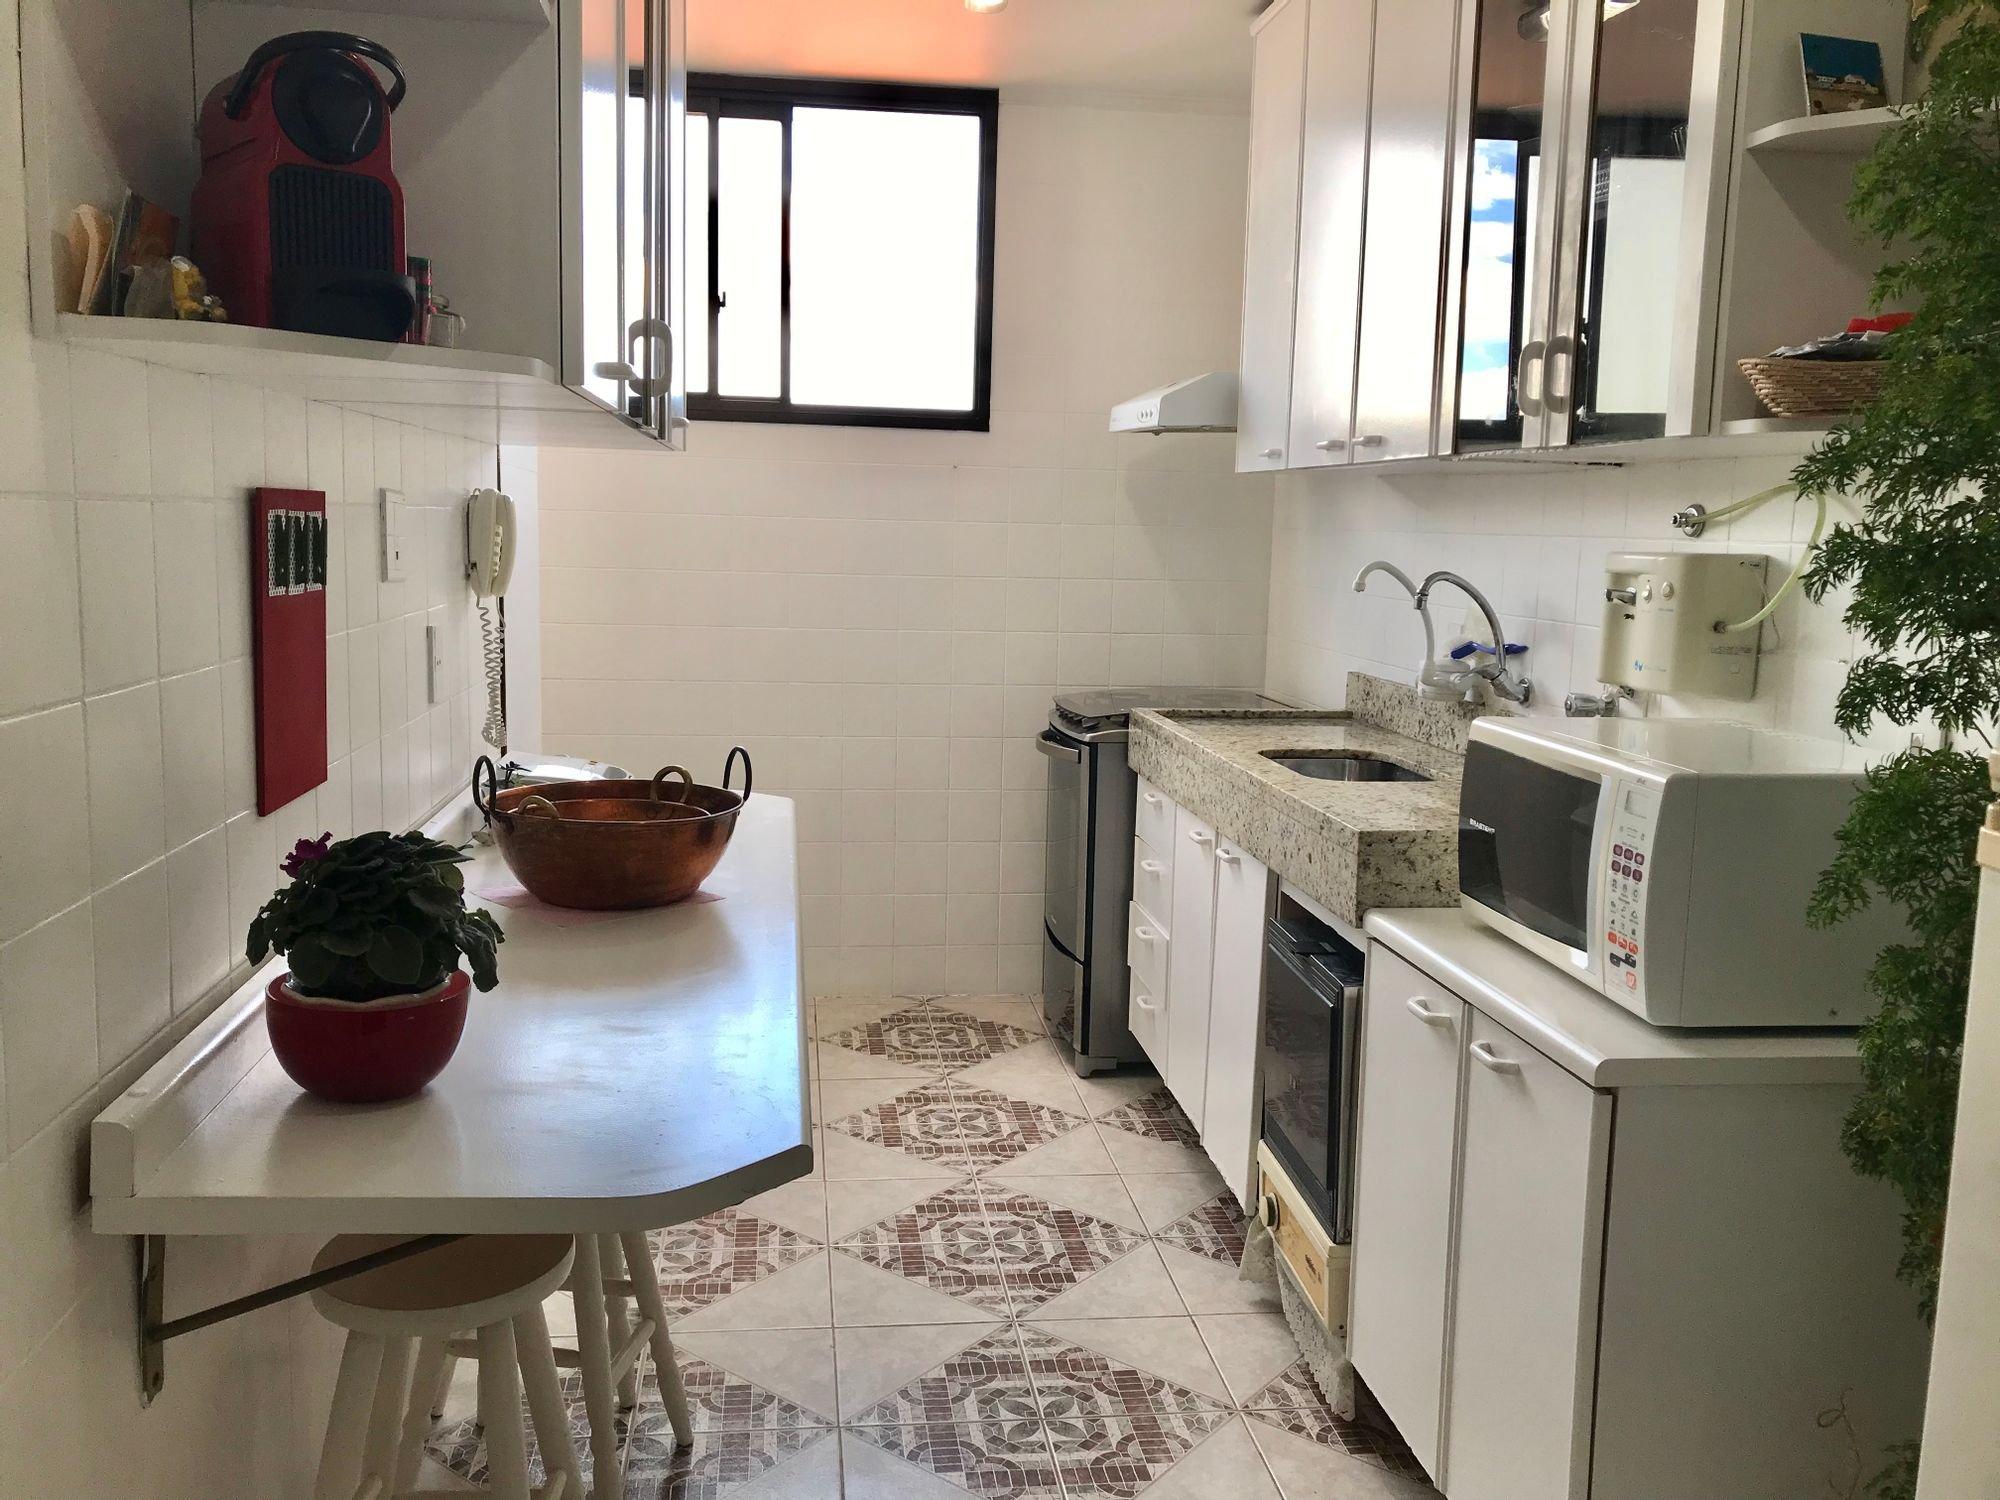 Foto de Cozinha com vaso de planta, tigela, pia, microondas